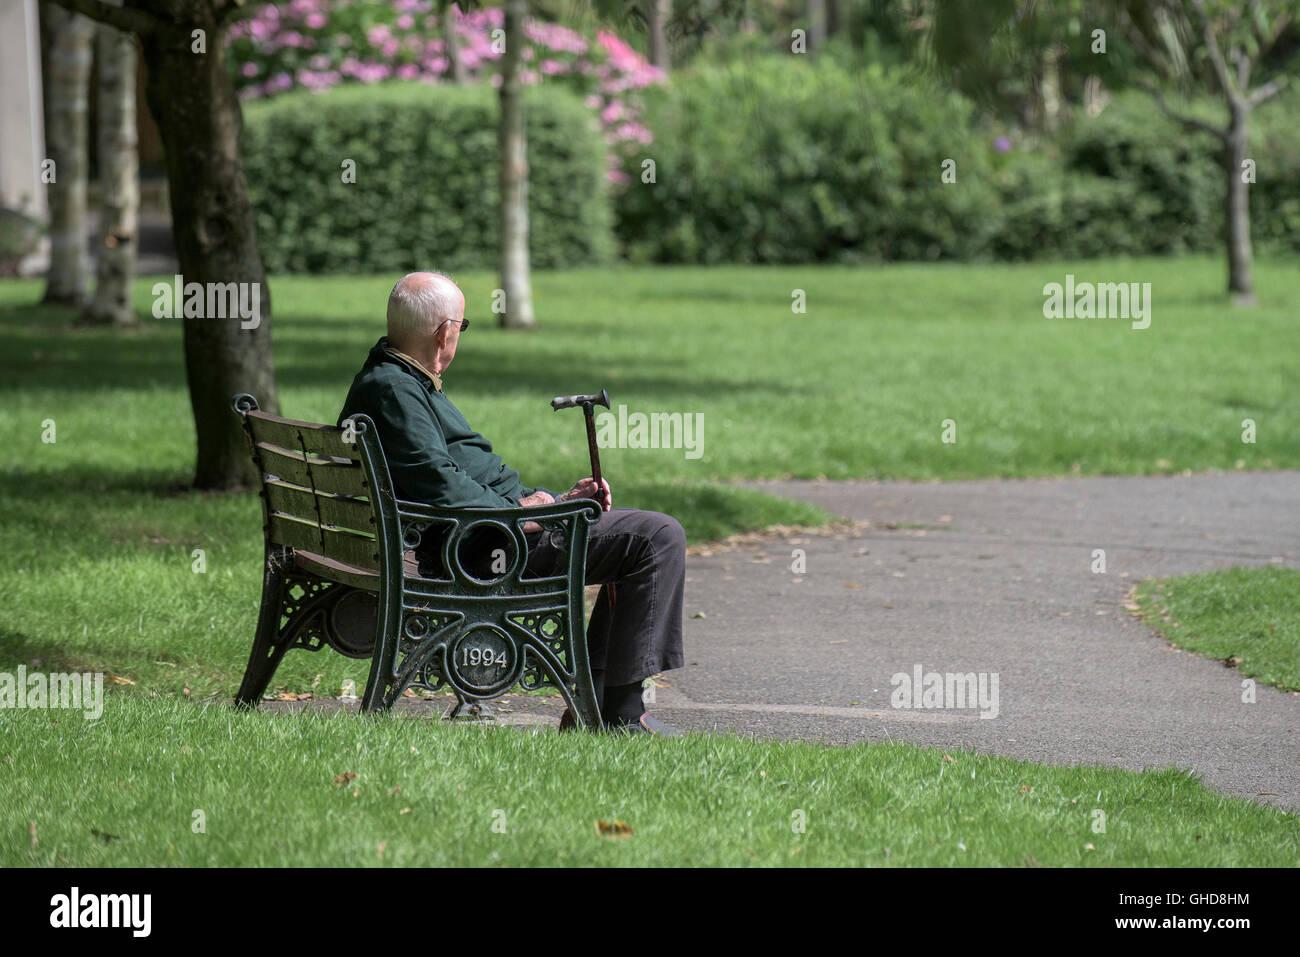 Ein älterer Mann sitzt allein in Trenance Gärten in Newquay, Cornwall. Stockbild